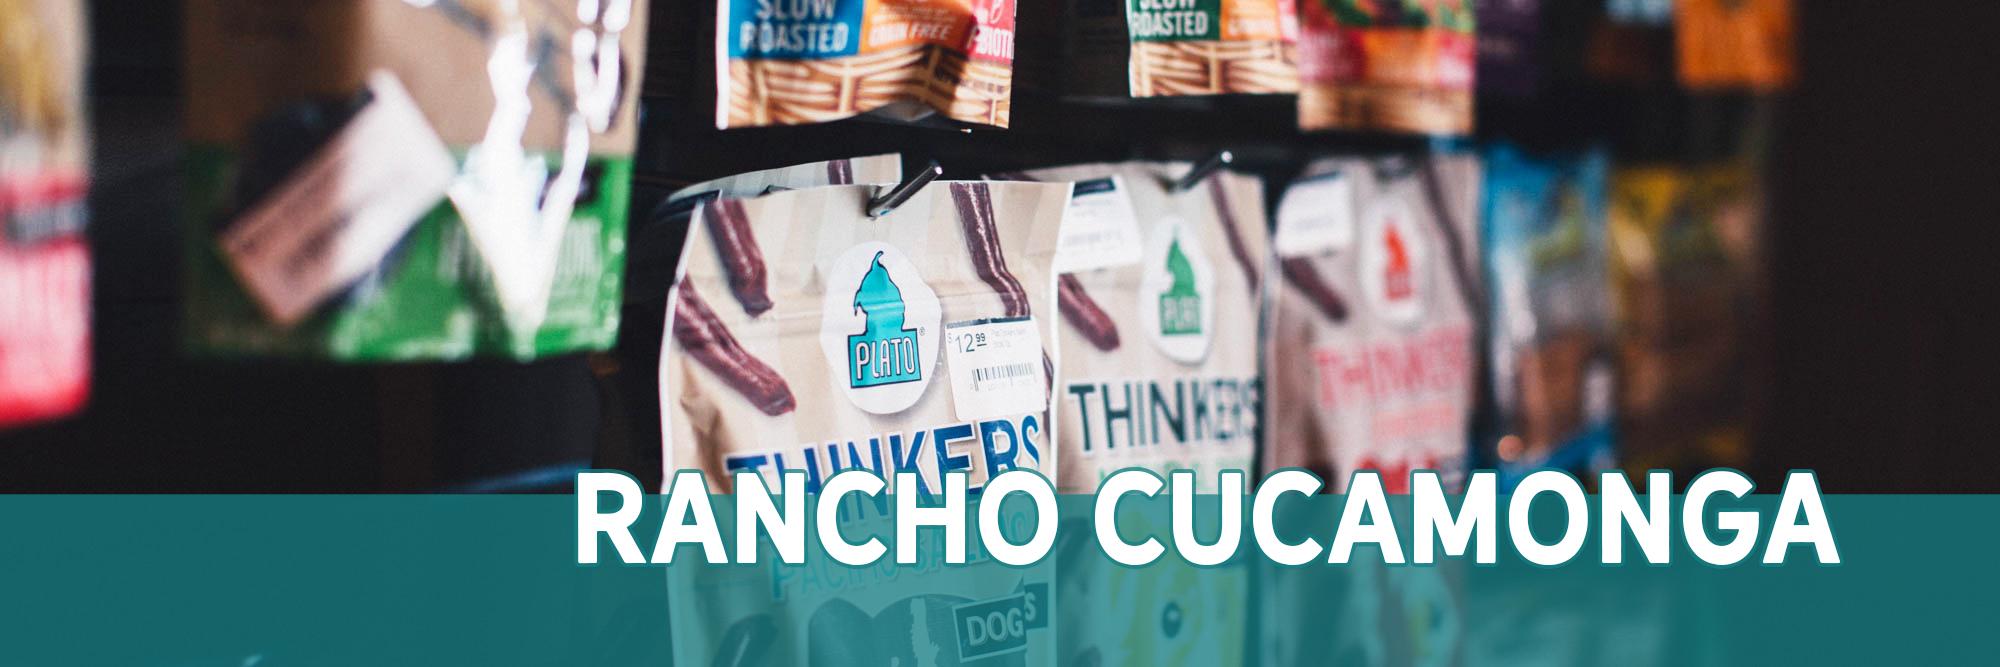 Organic Pet Food in Rancho Cucamonga